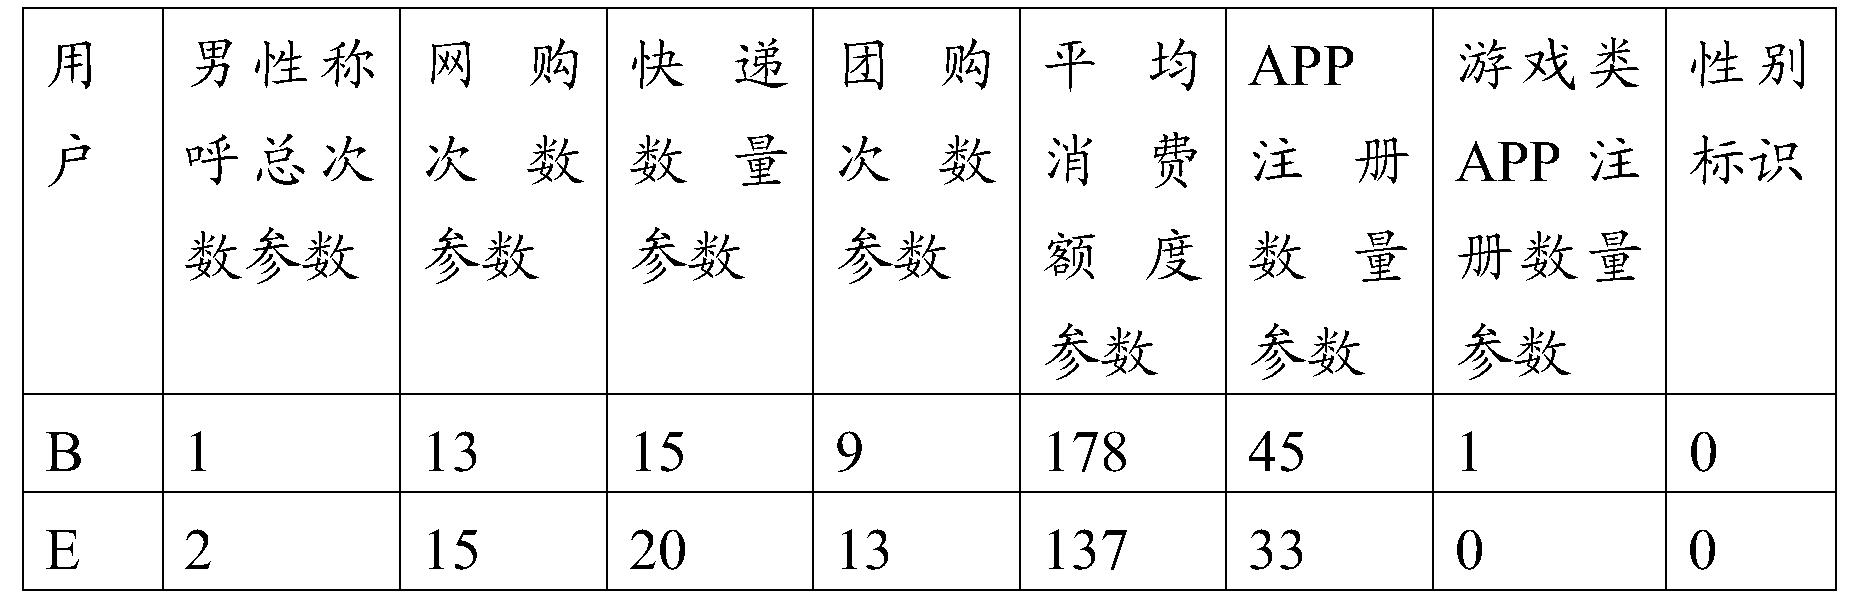 Figure PCTCN2016087528-appb-000006